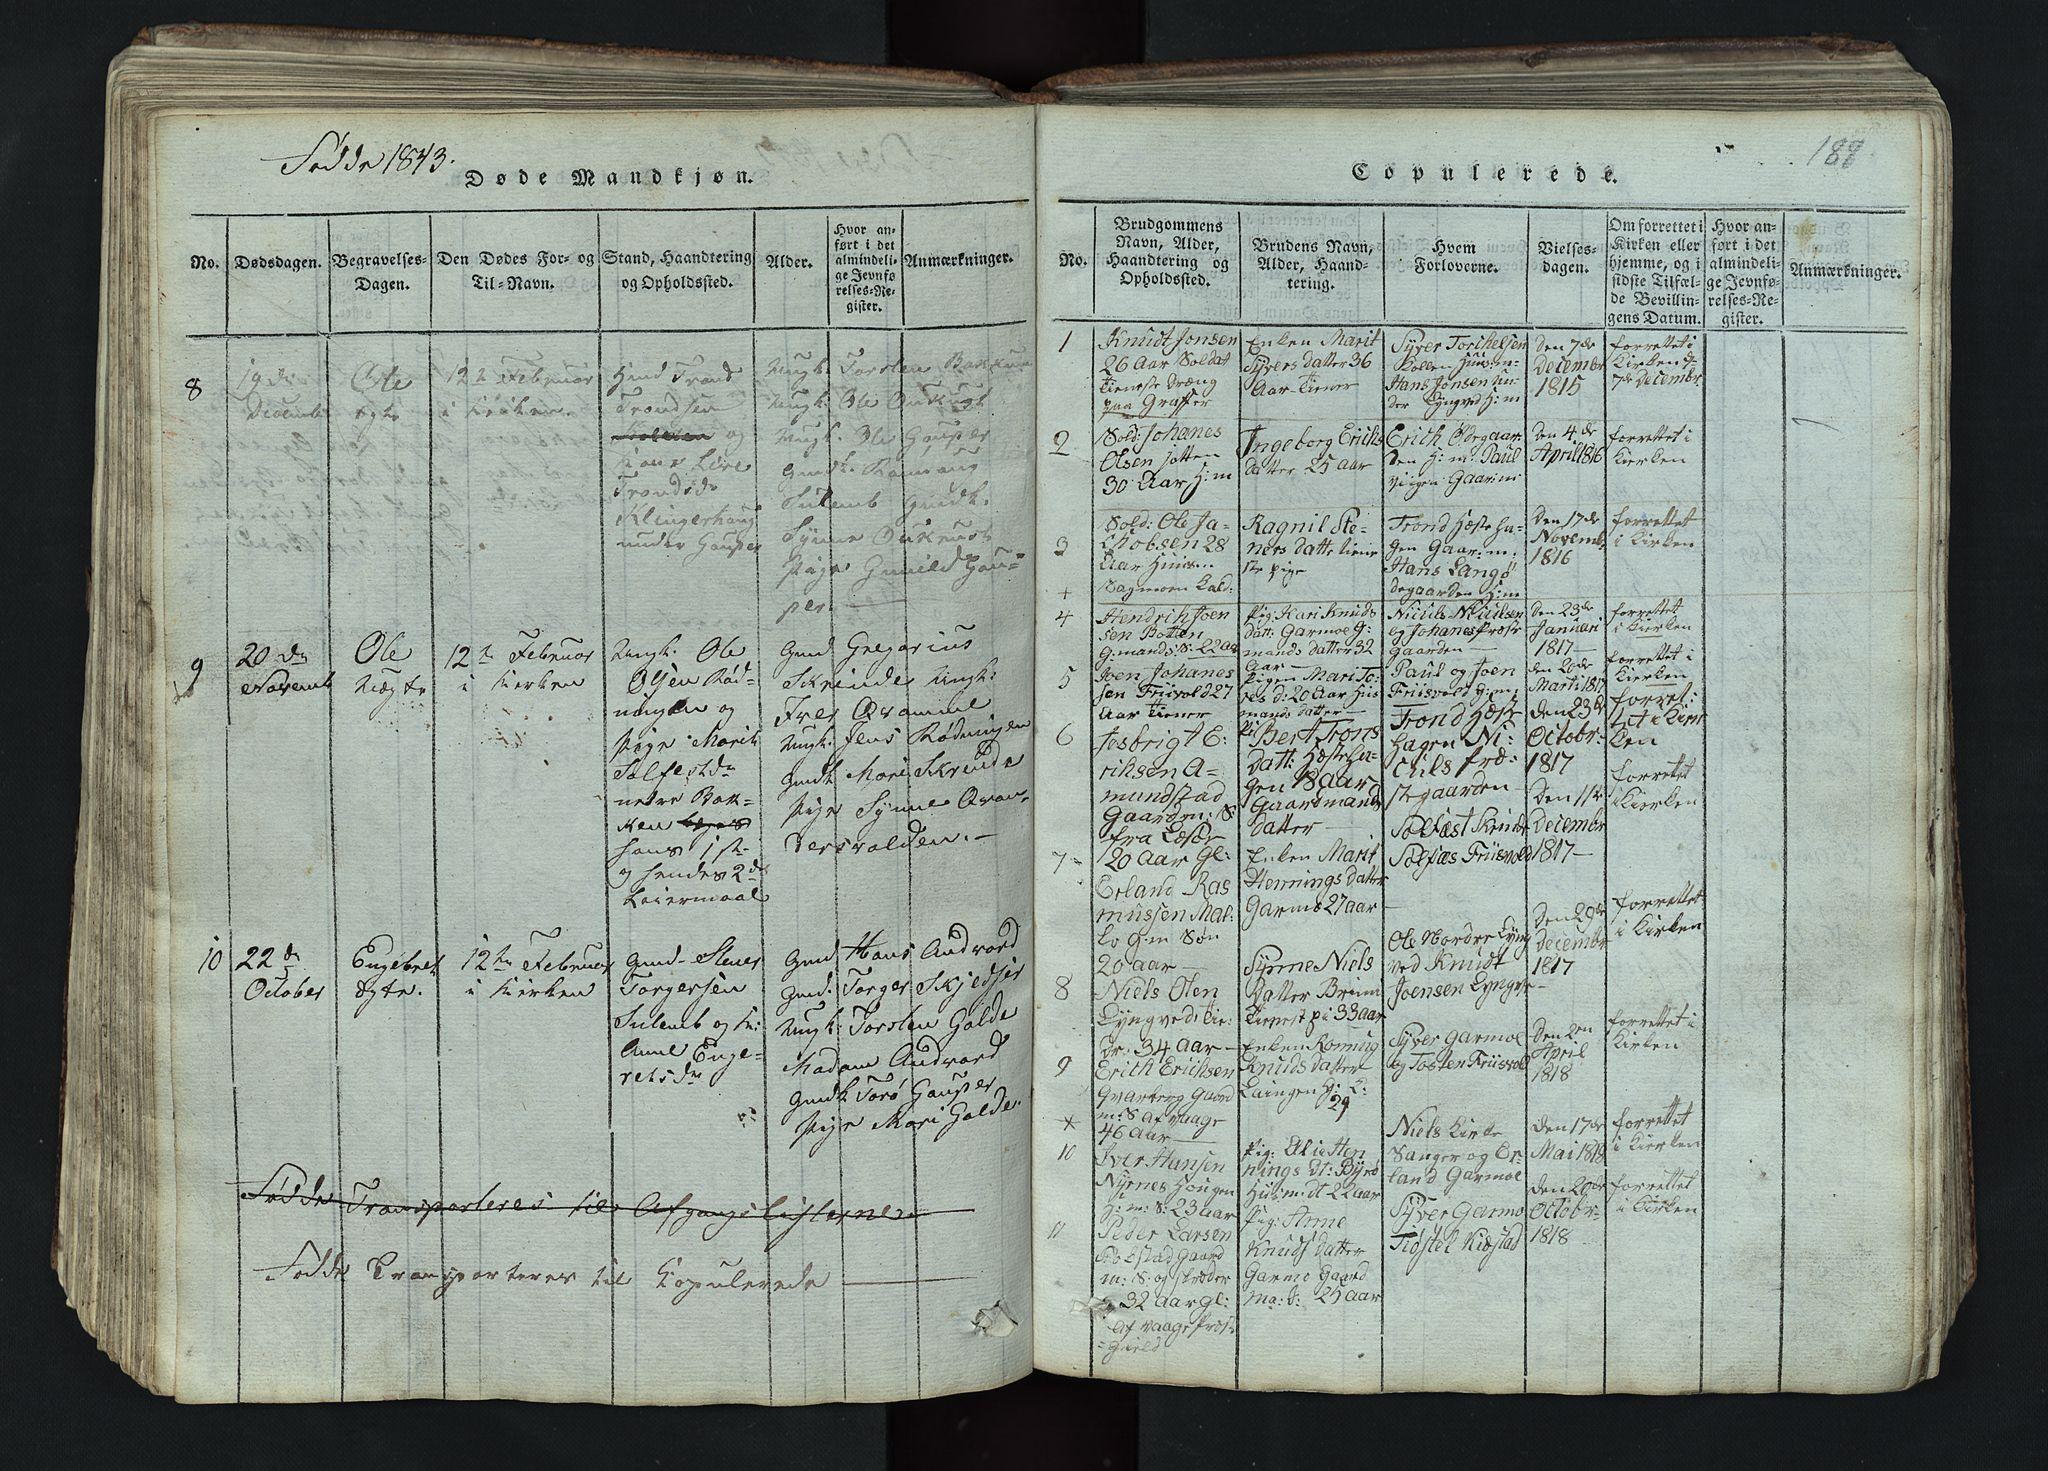 SAH, Lom prestekontor, L/L0002: Klokkerbok nr. 2, 1815-1844, s. 188